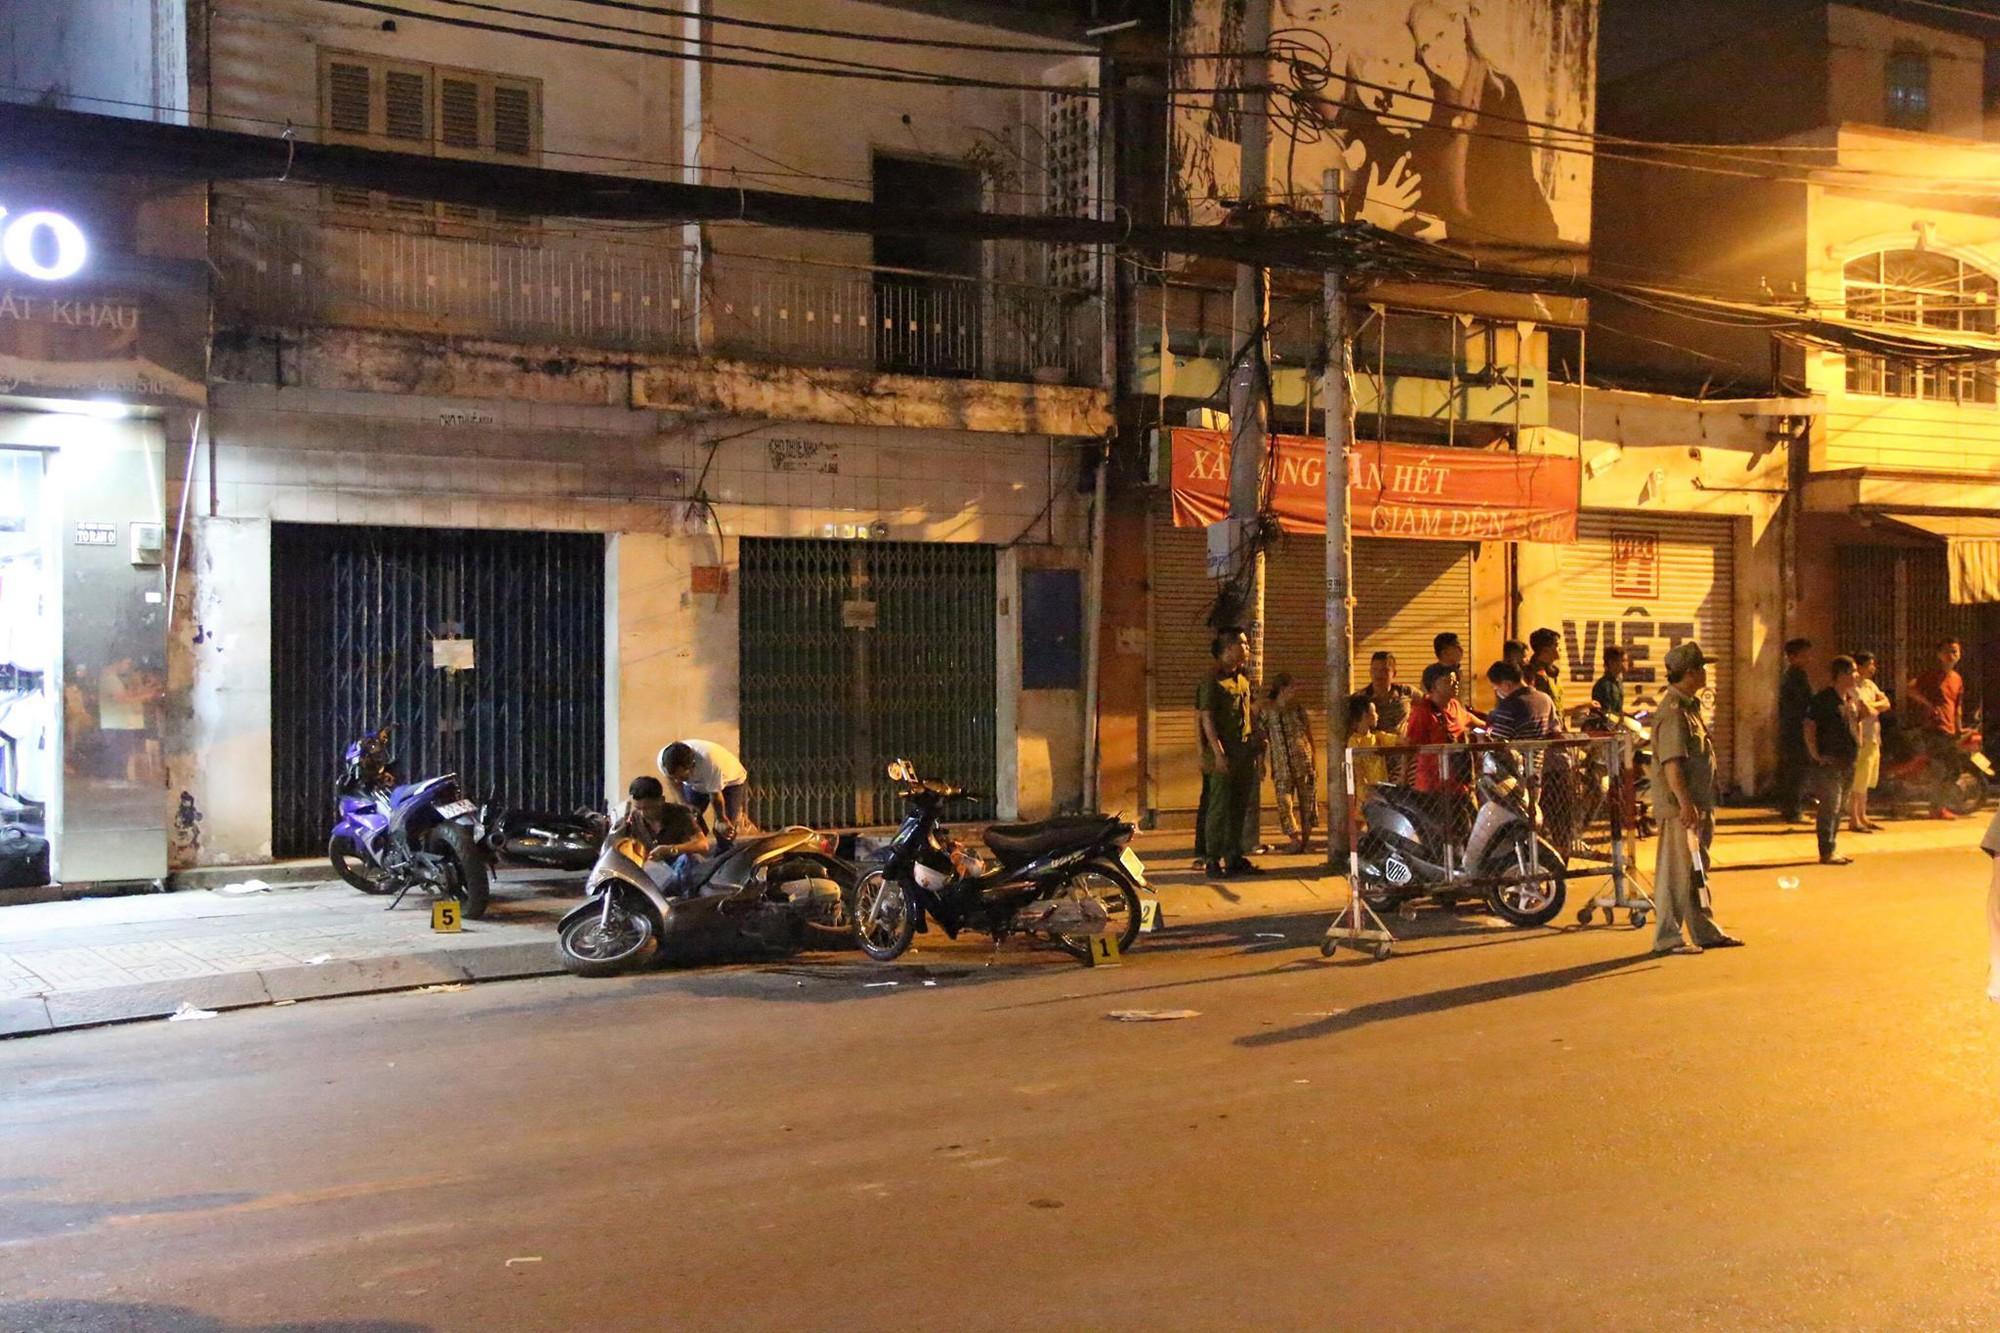 Bắt thêm nghi can thứ 3 trong vụ đâm nhóm hiệp sĩ thương vong ở Sài Gòn - Ảnh 1.